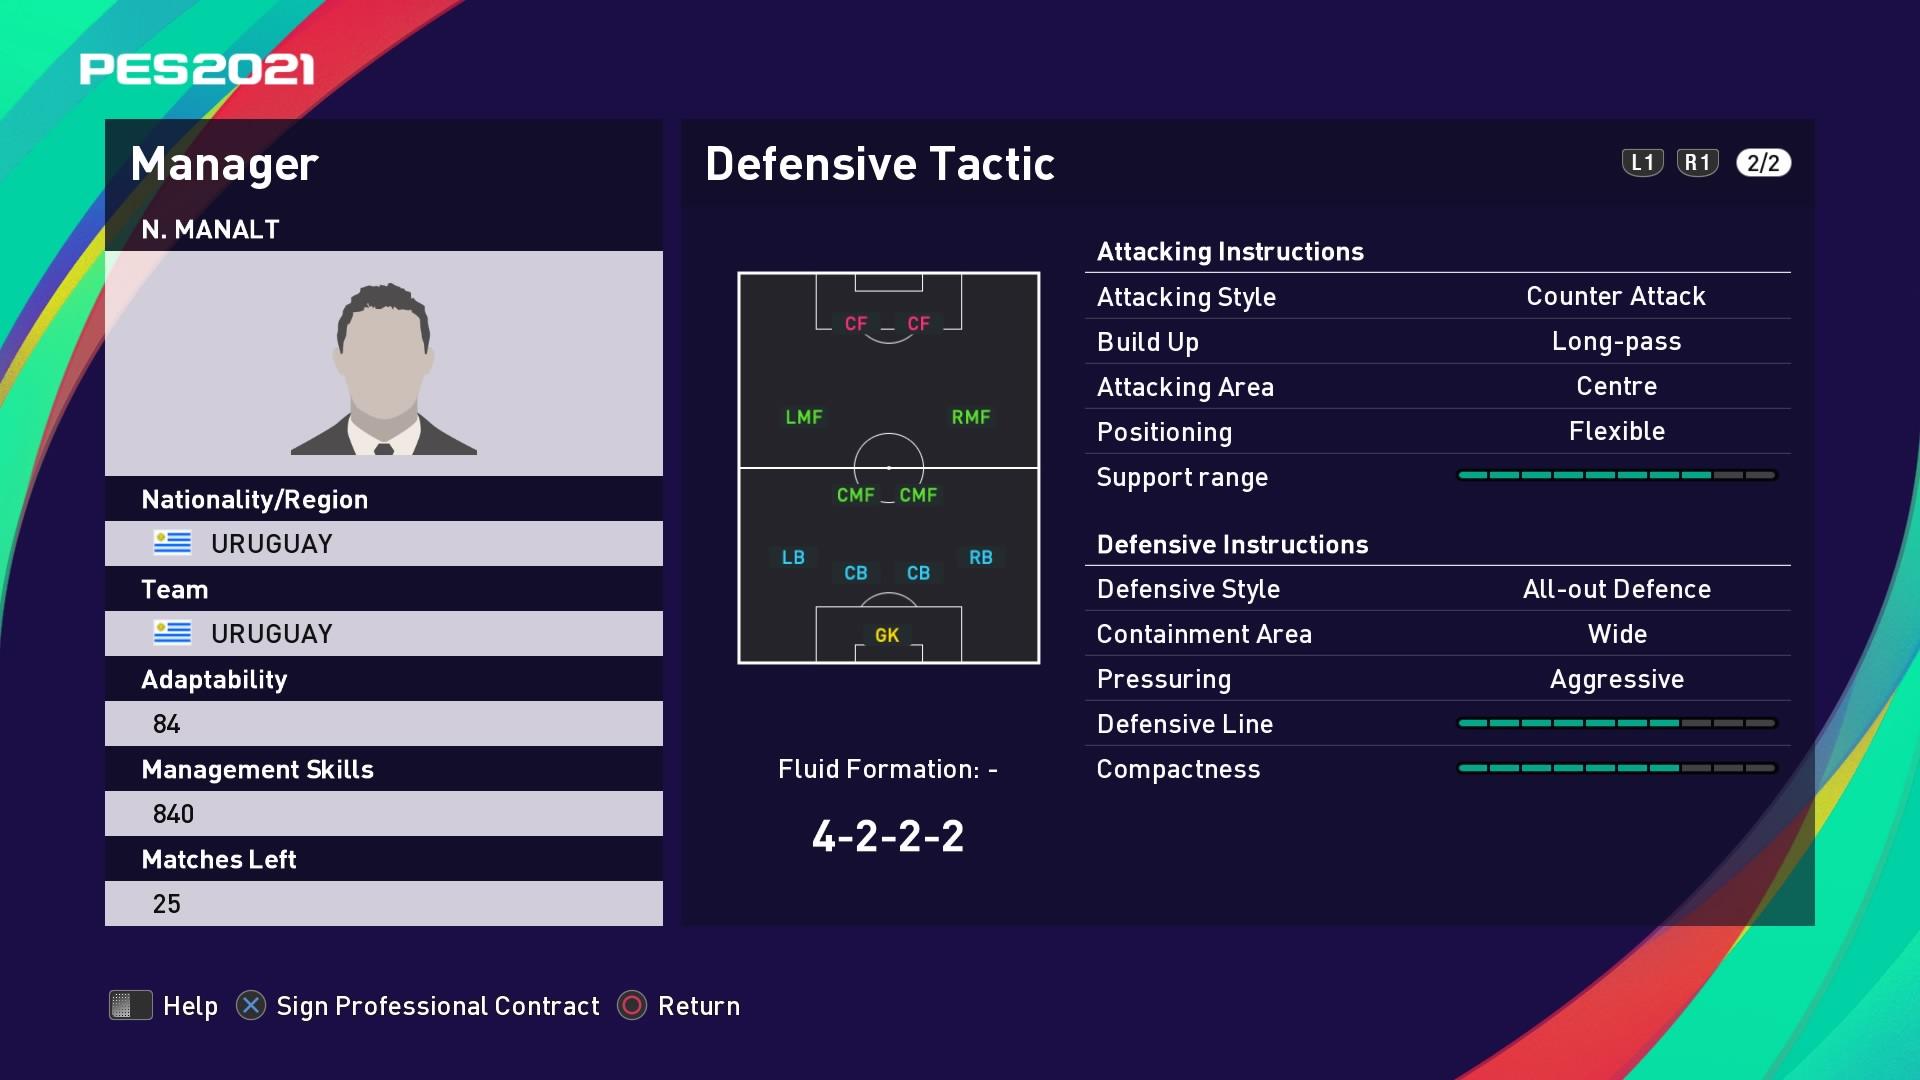 N. Manalt (Óscar Tabárez) Defensive Tactic in PES 2021 myClub